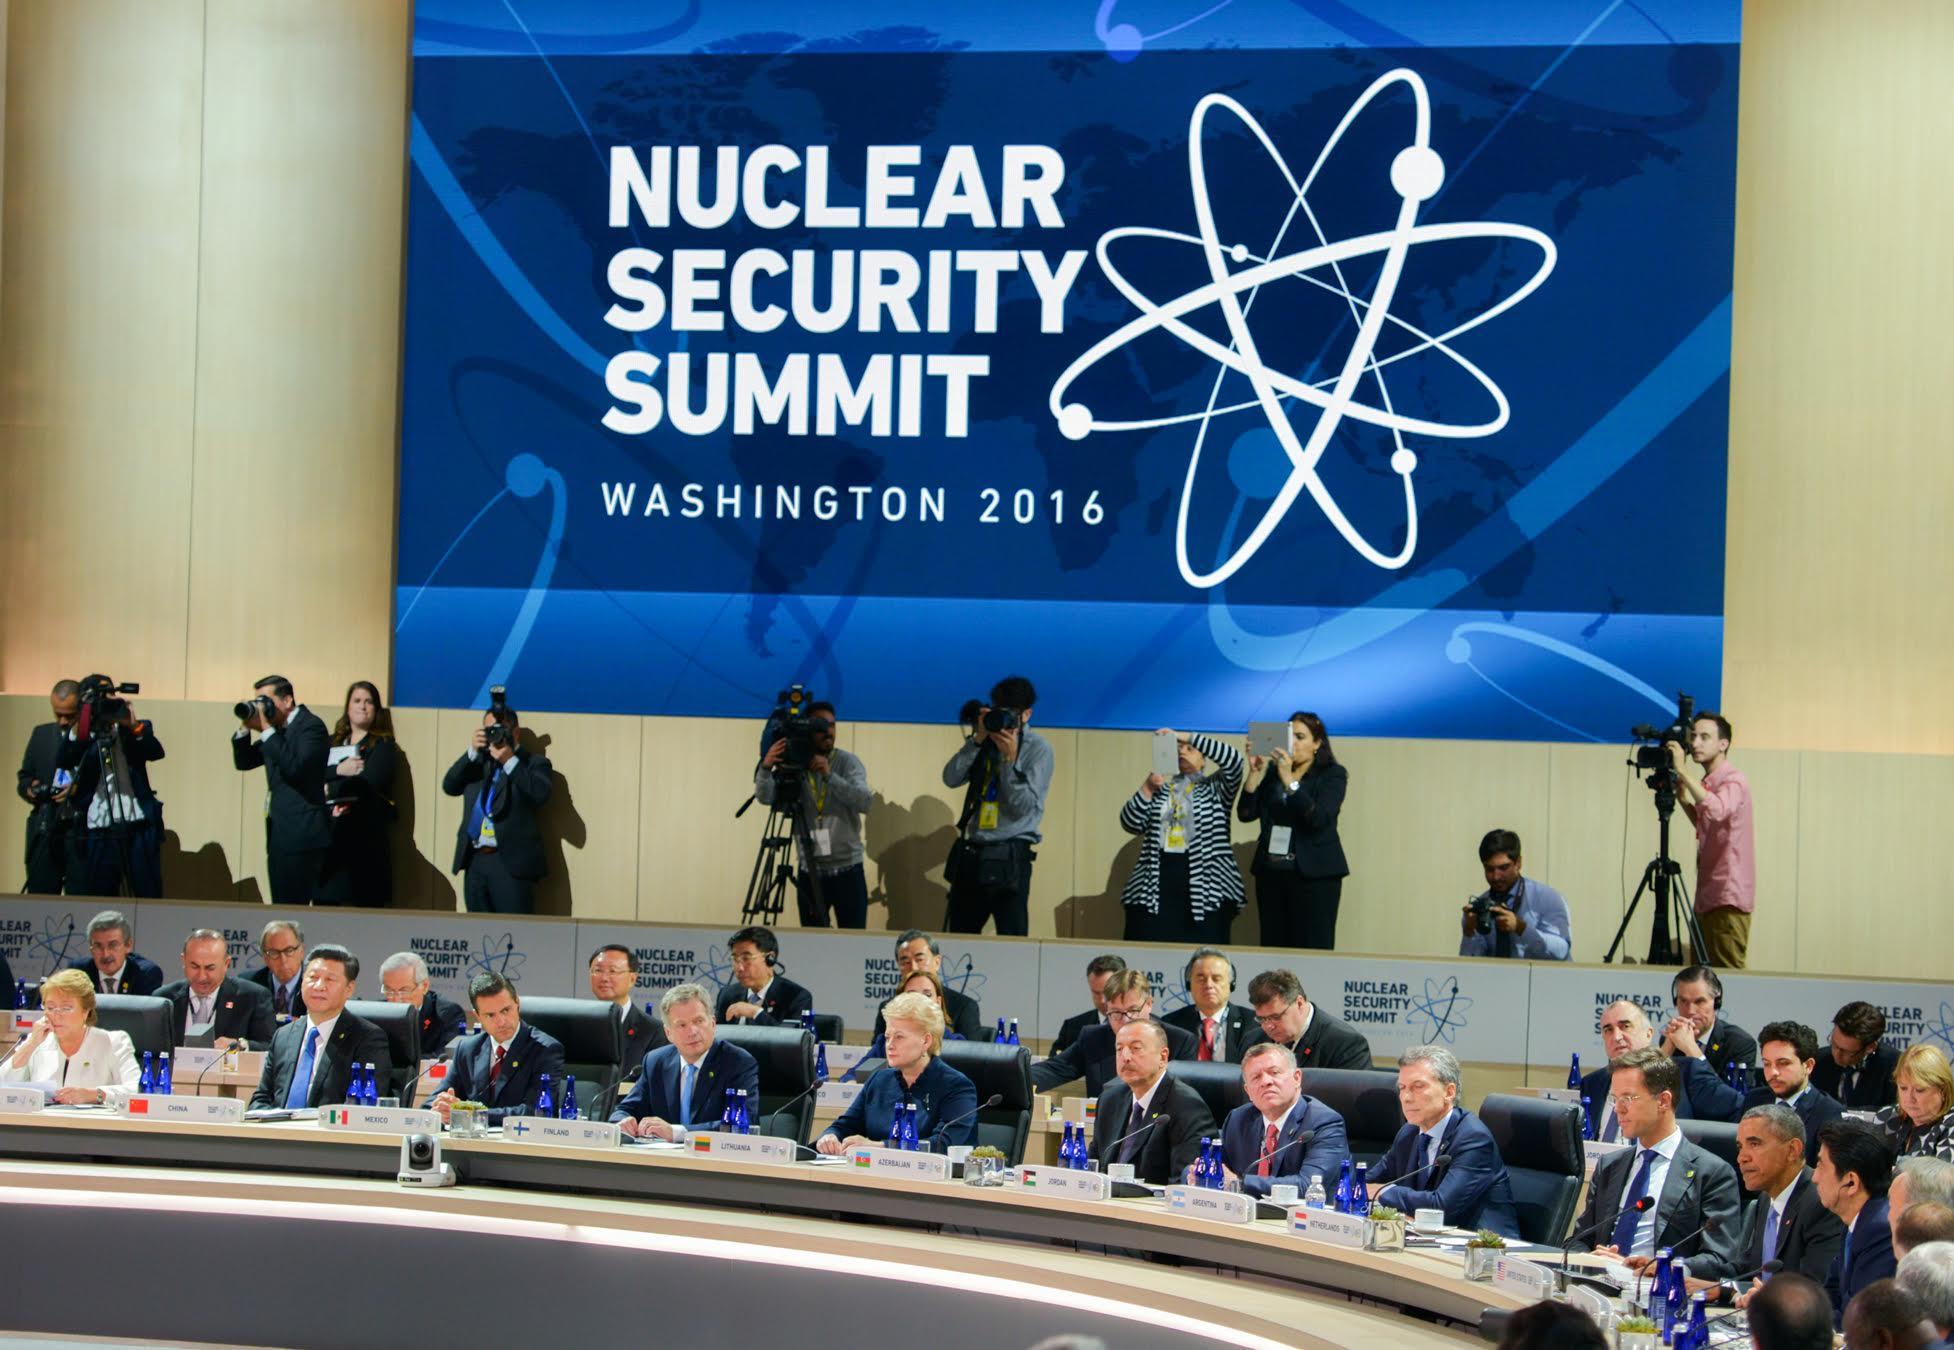 Históricamente, México ha sido un promotor incansable de la paz mundial, así como de la no-proliferación de armas nucleares.